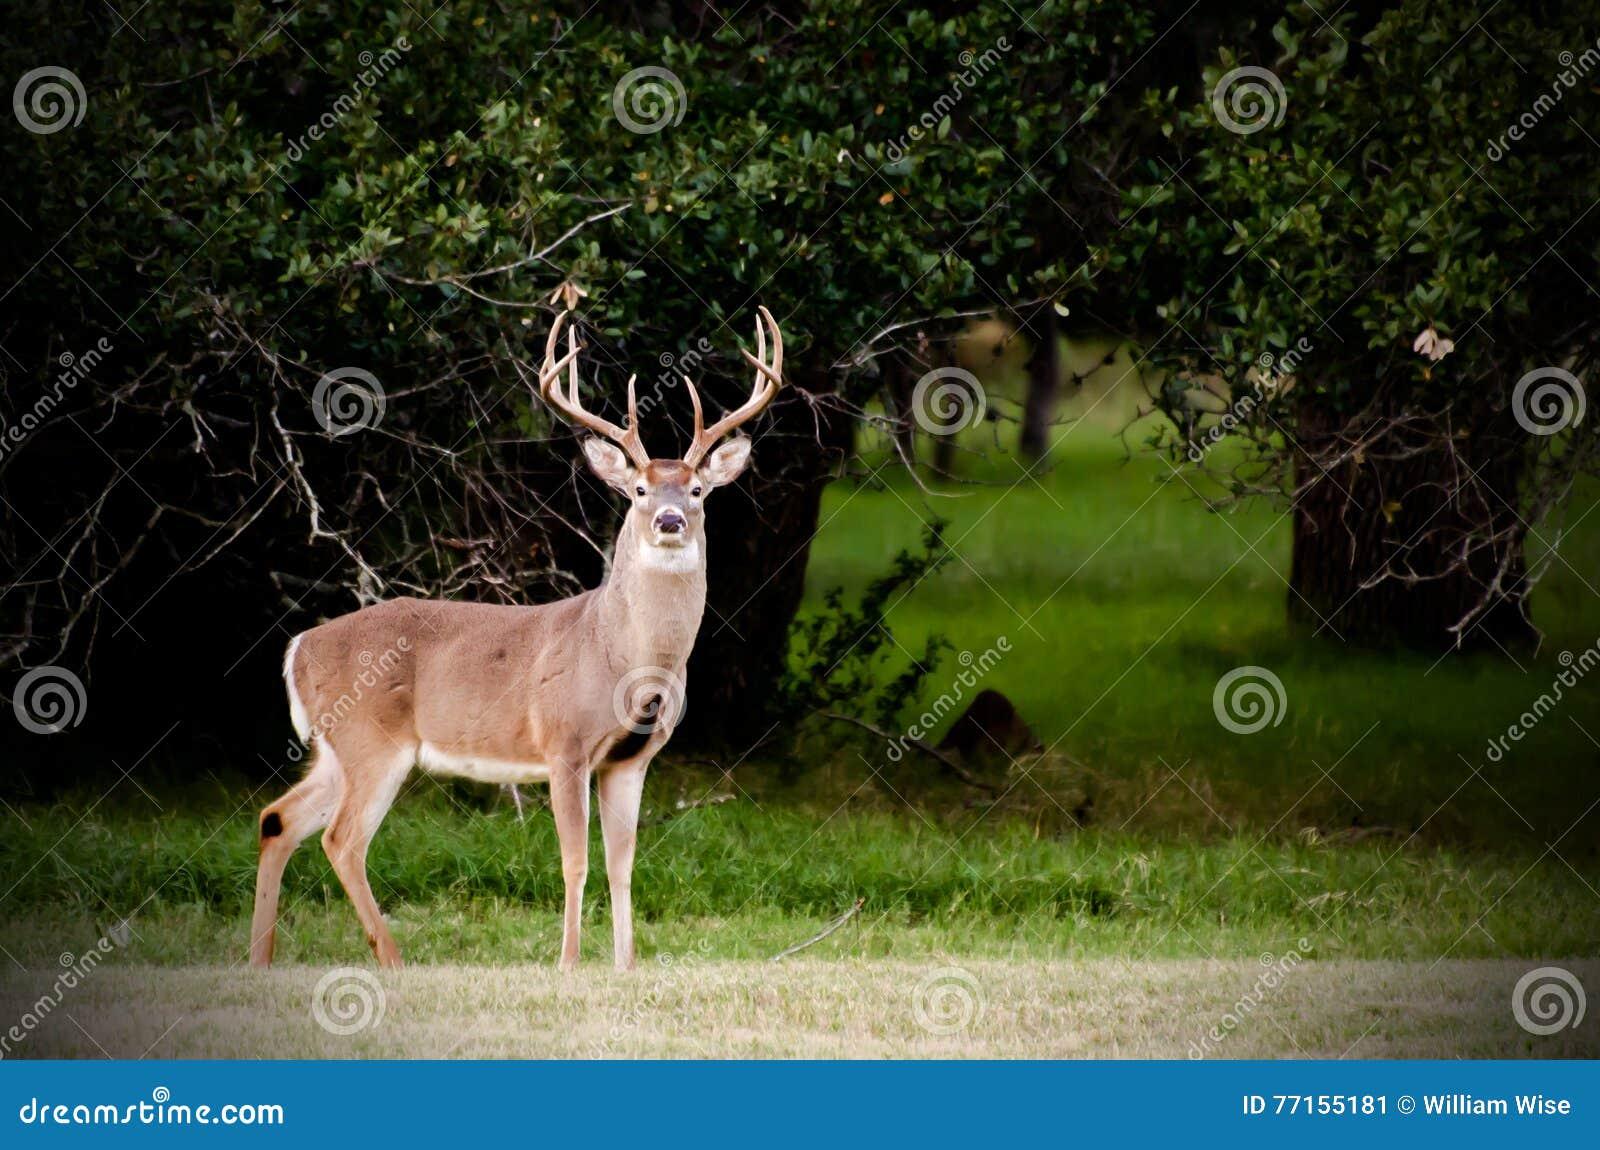 Texas Big Buck